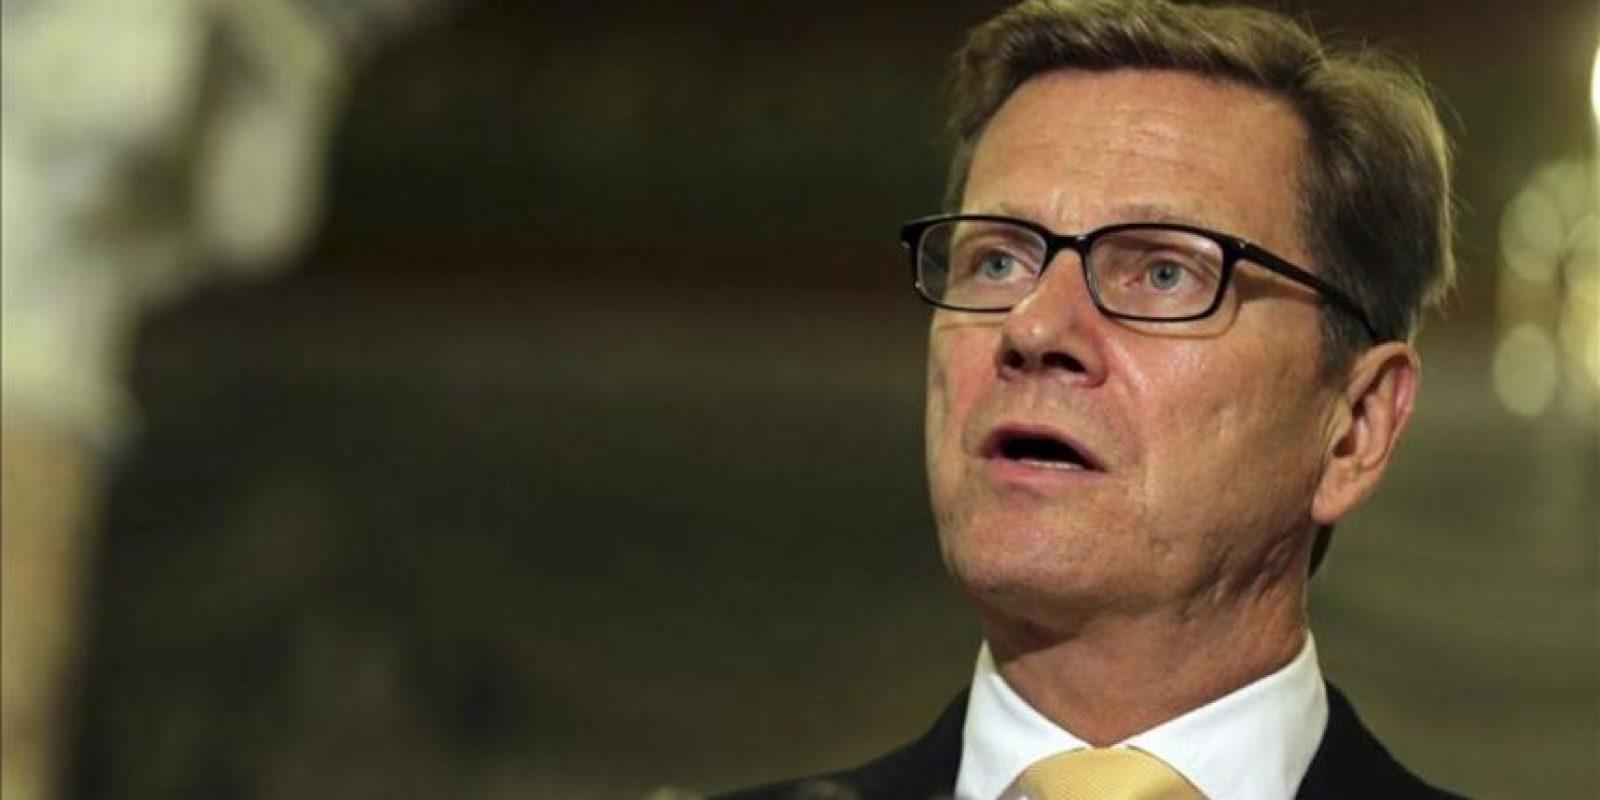 El ministro de Exteriores alemán, Guido Westerwelle. EFE/Archivo